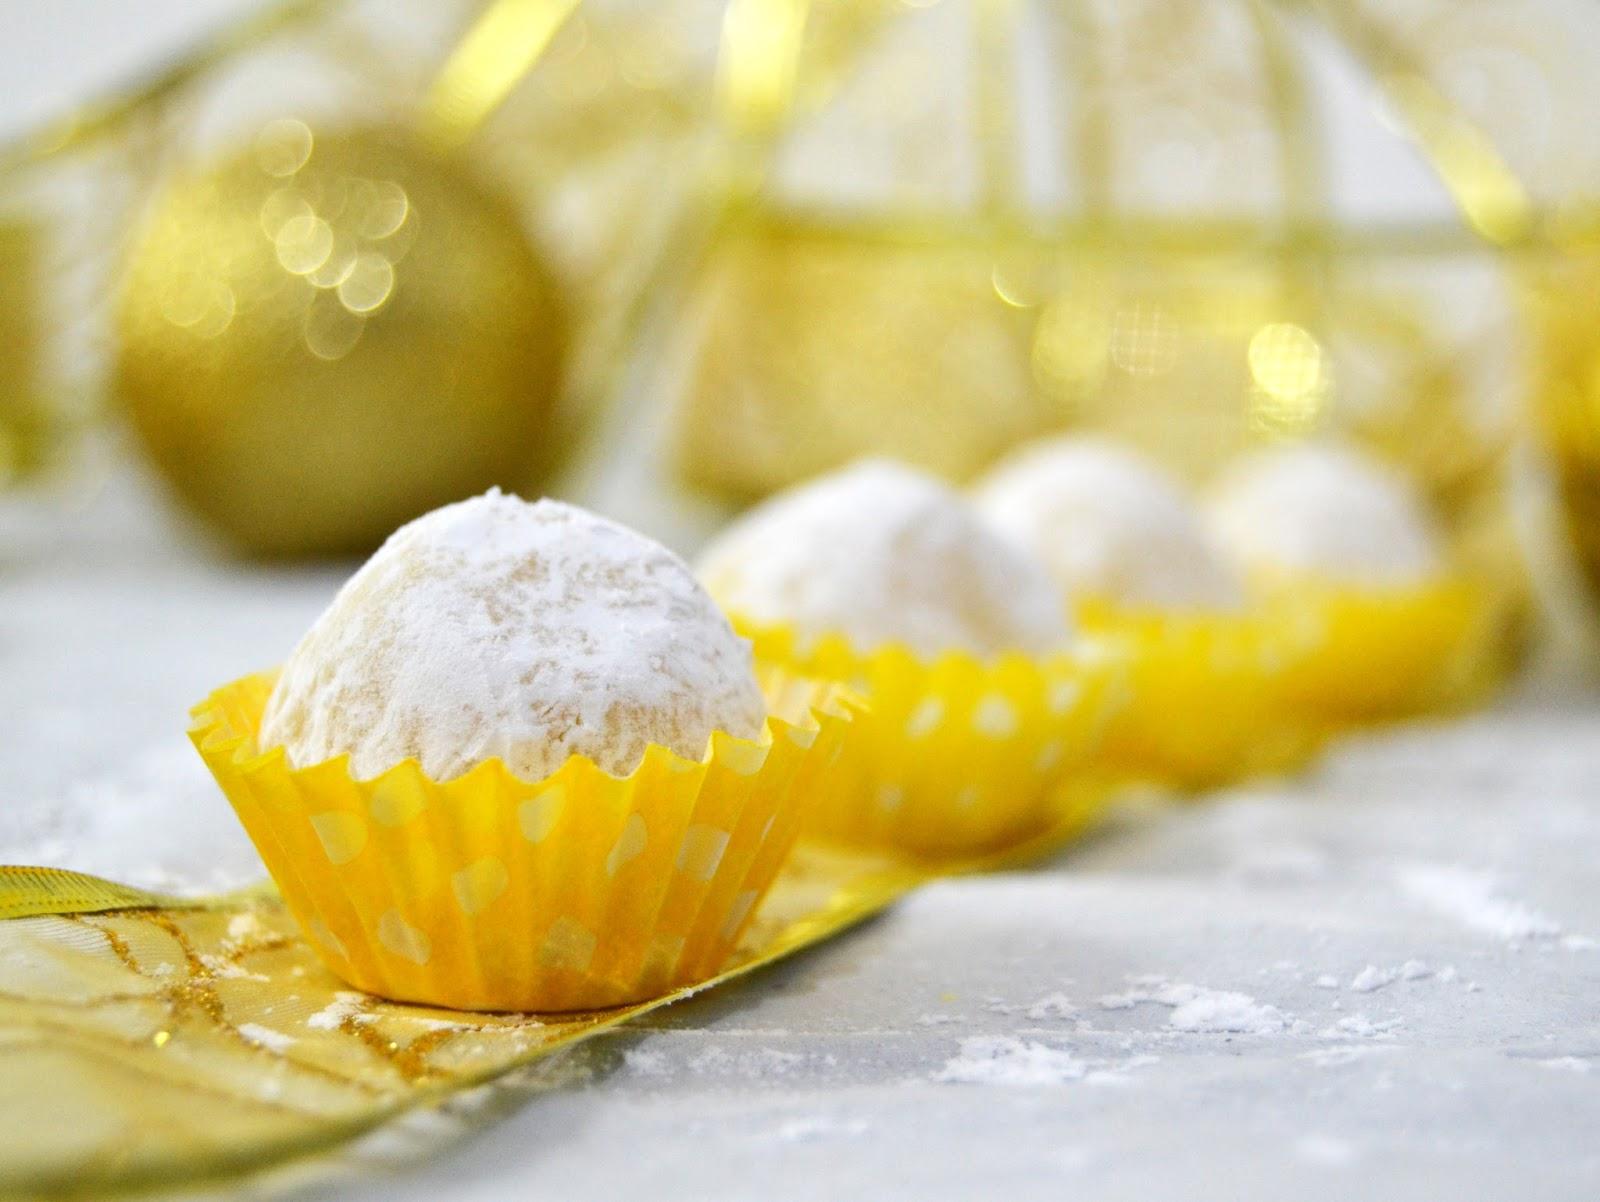 Baño Blanco De Limon:Trufas de chocolate blanco y limón